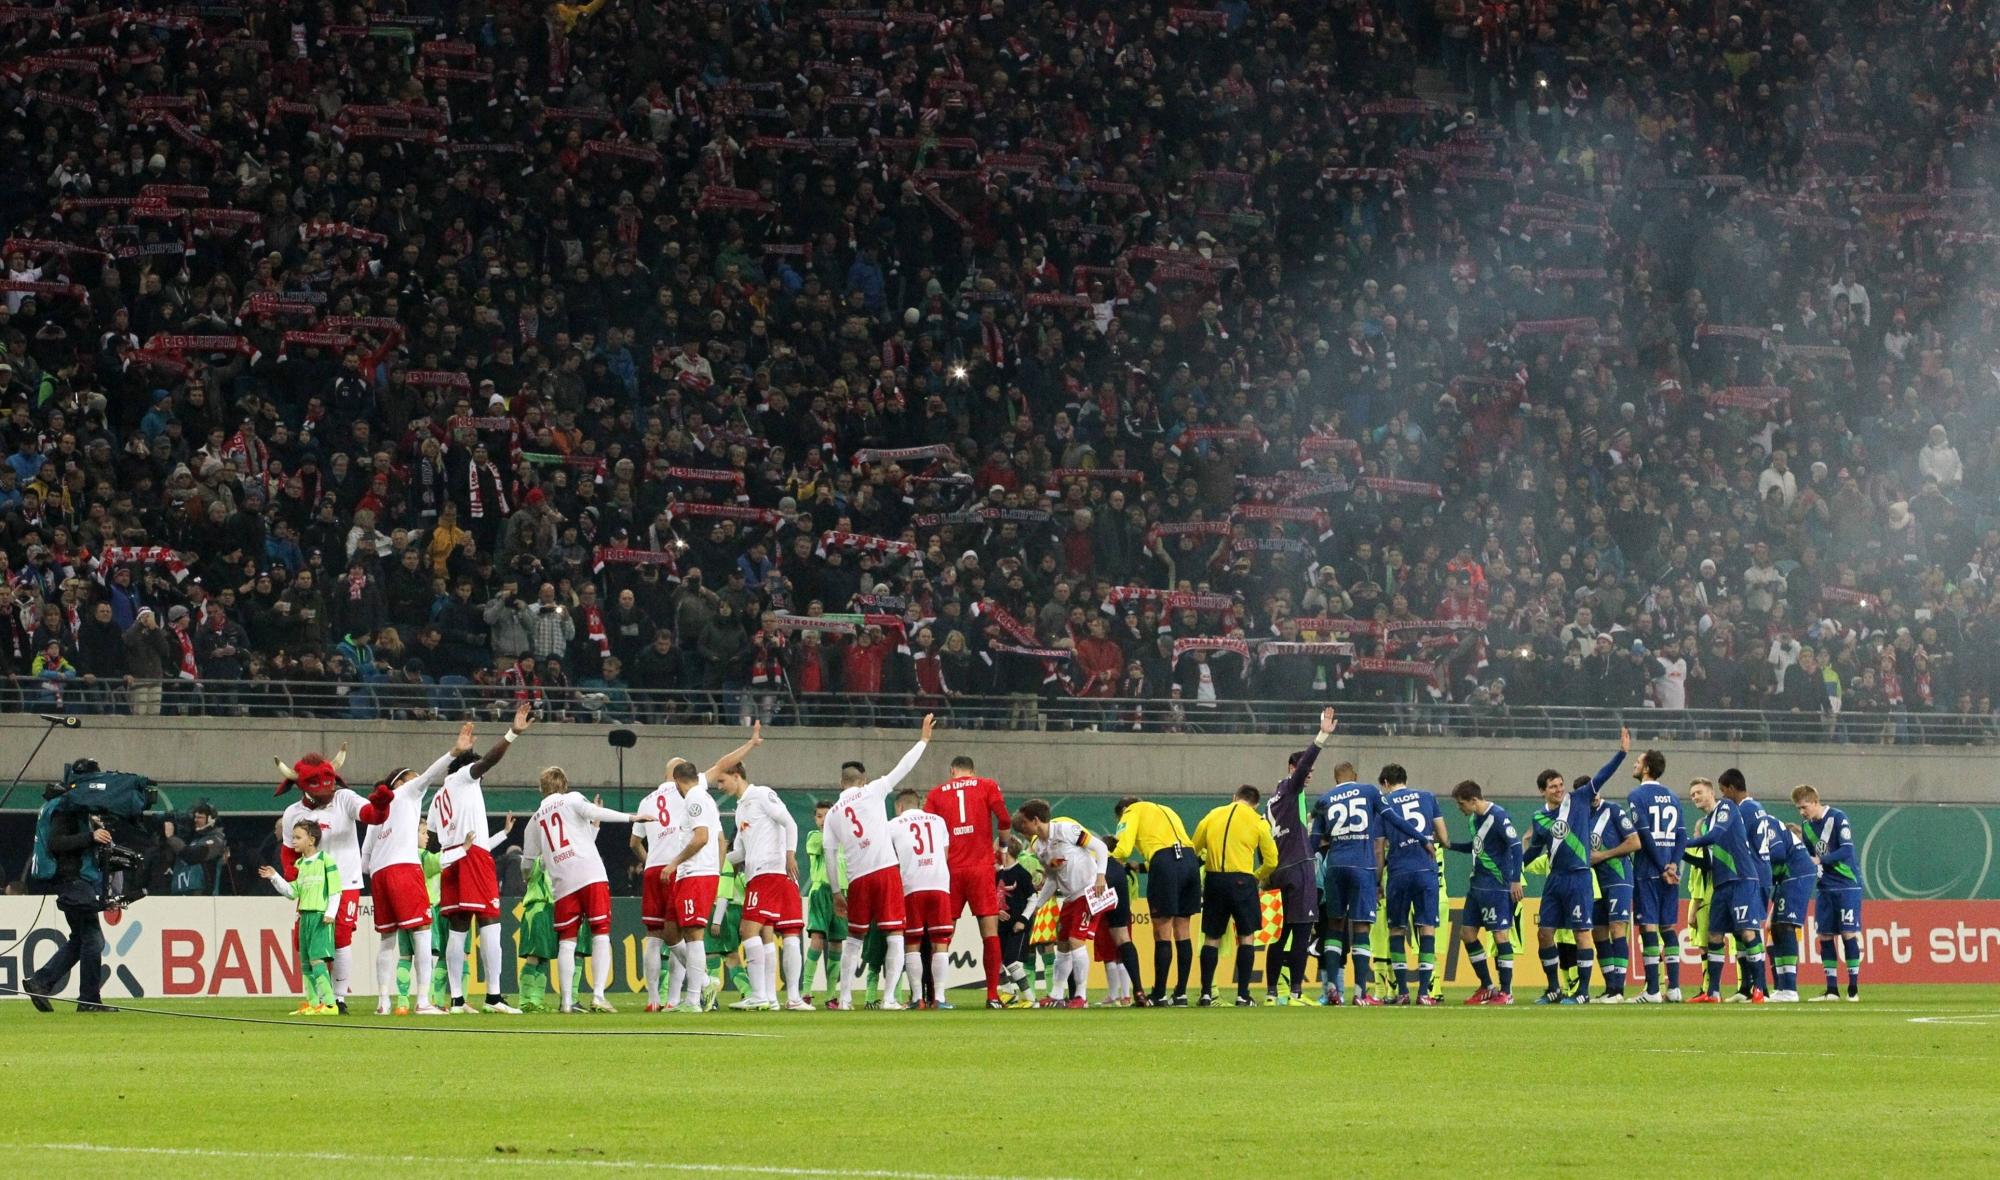 : Erstmals ausverkauftes Haus im Pokal: Gegen den VfL Wolfsburg ist die Red-Bull-Arena voll